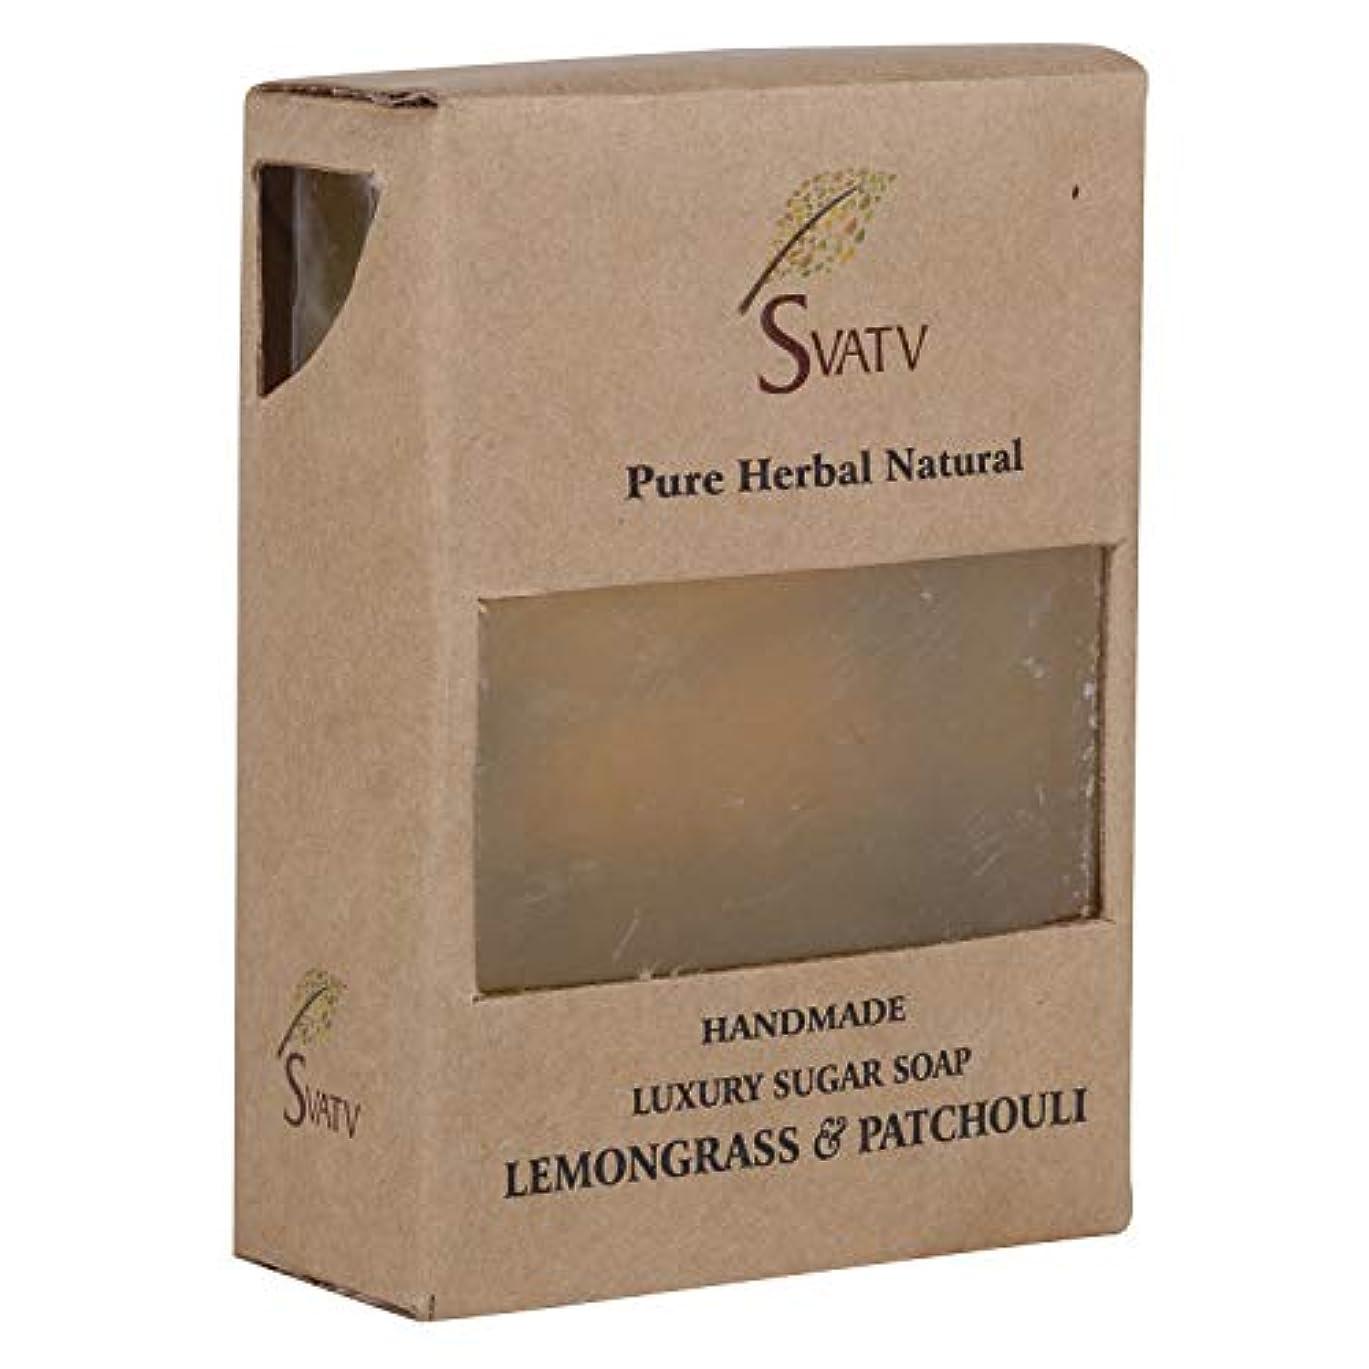 孤児絶対の気分が良いSVATV Handmade Luxury Sugar Soap Lemongrass & Patchouli For All Skin types 100g Bar